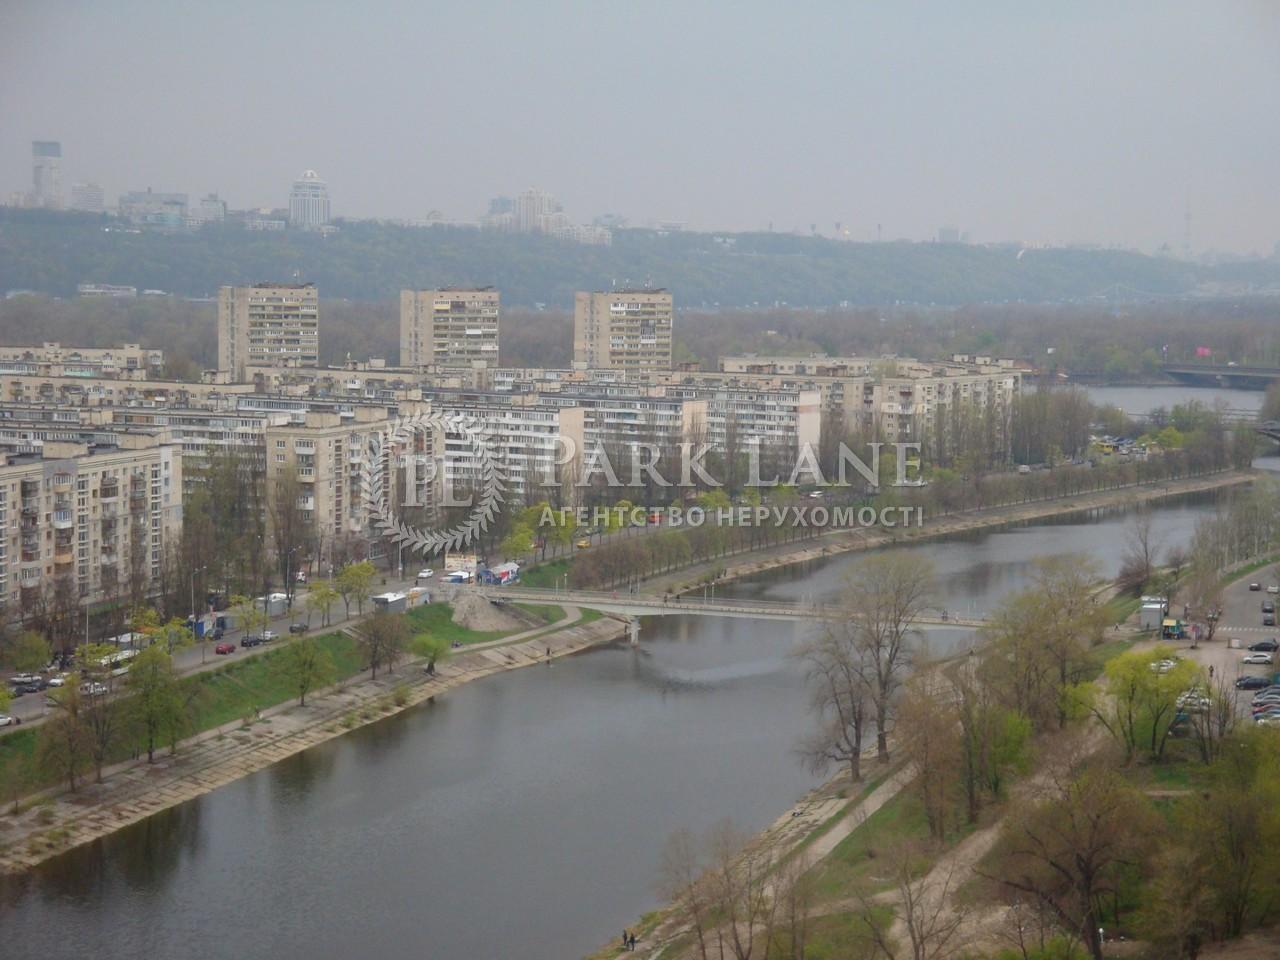 Квартира B-87988, Сверстюка Евгения (Расковой Марины), 52в, Киев - Фото 5